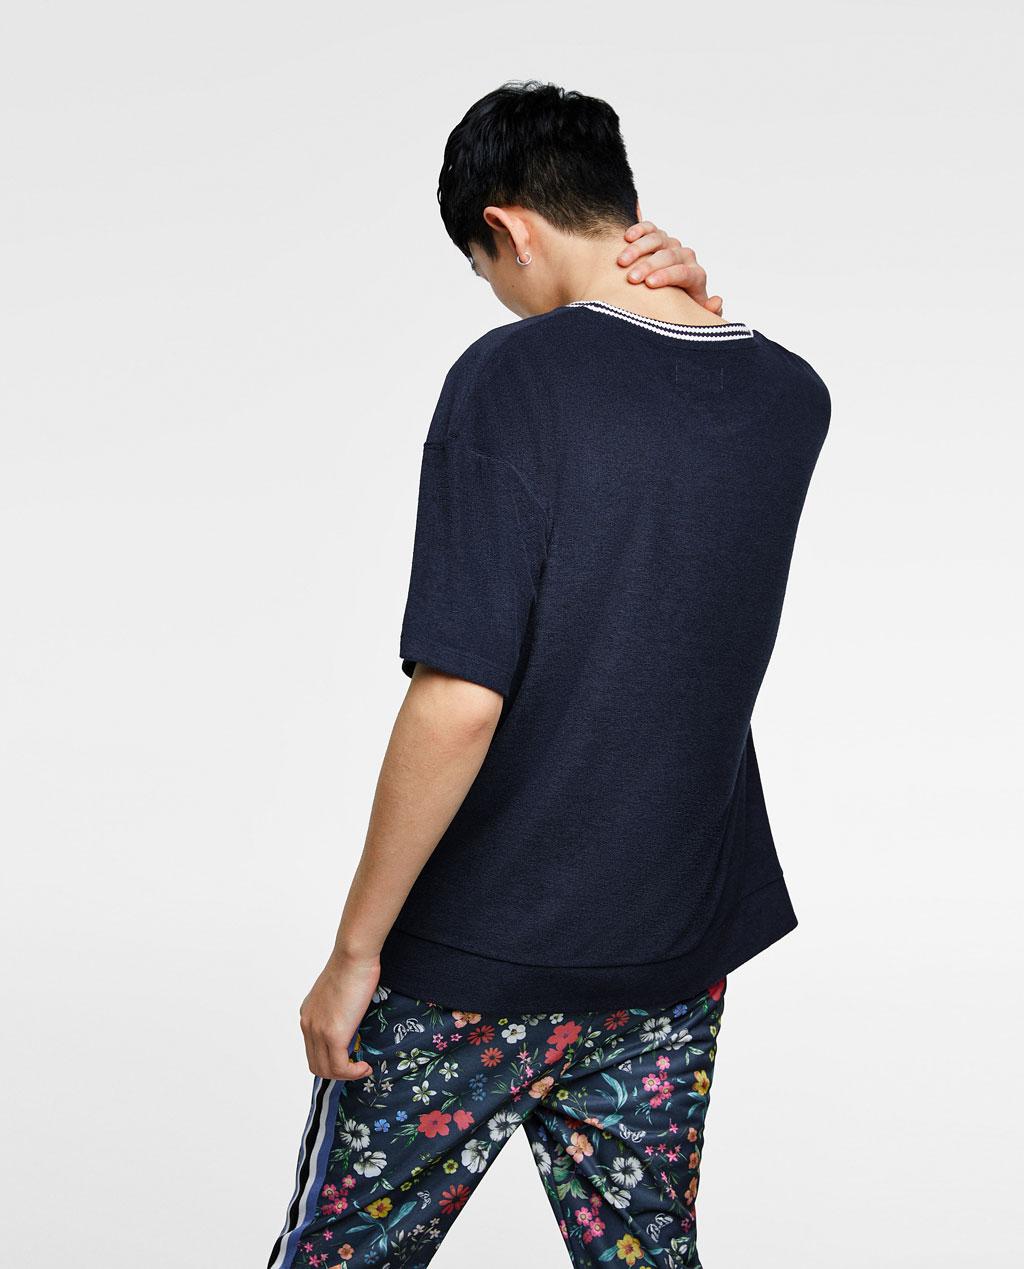 Thời trang nam Zara  23946 - ảnh 5